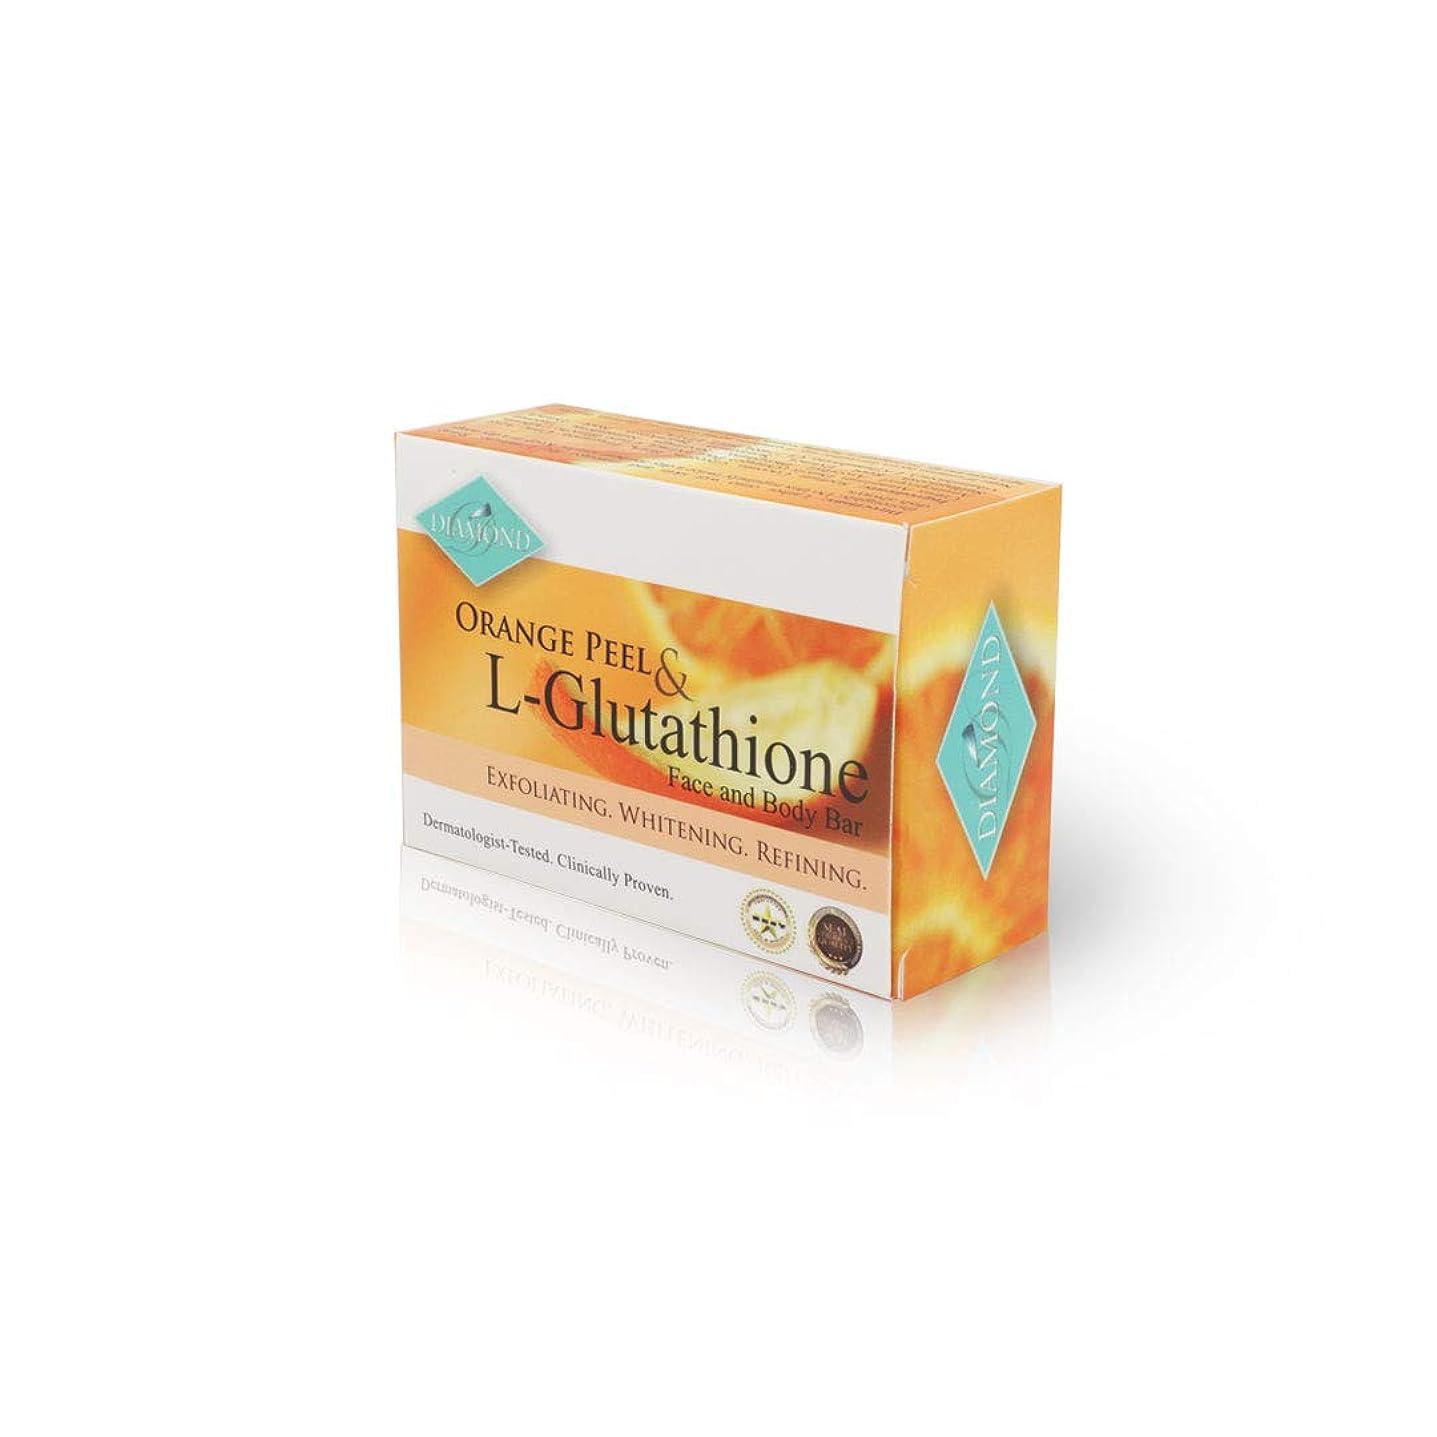 爆発する平凡不名誉なDIAMOND ORANGE PEEL&Glutathione soap/オレンジピール&グルタチオン配合ソープ(美容石けん) 150g 正規輸入品